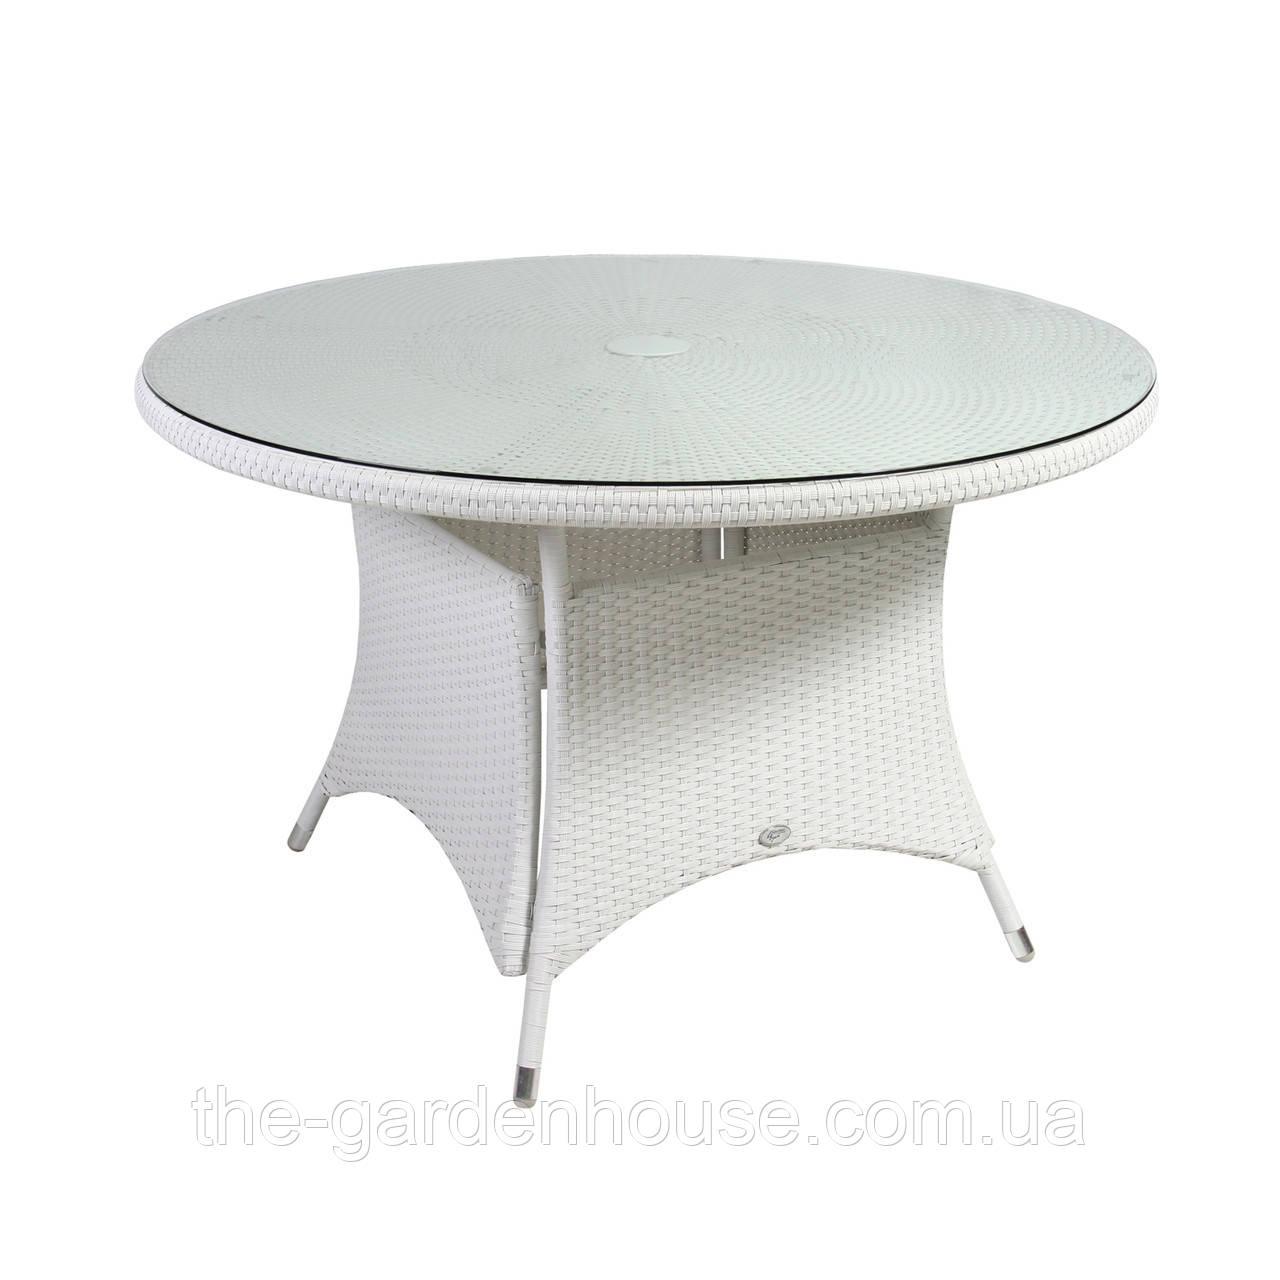 Обеденный стол из искусственного ротанга Викер Ø 123 см белый